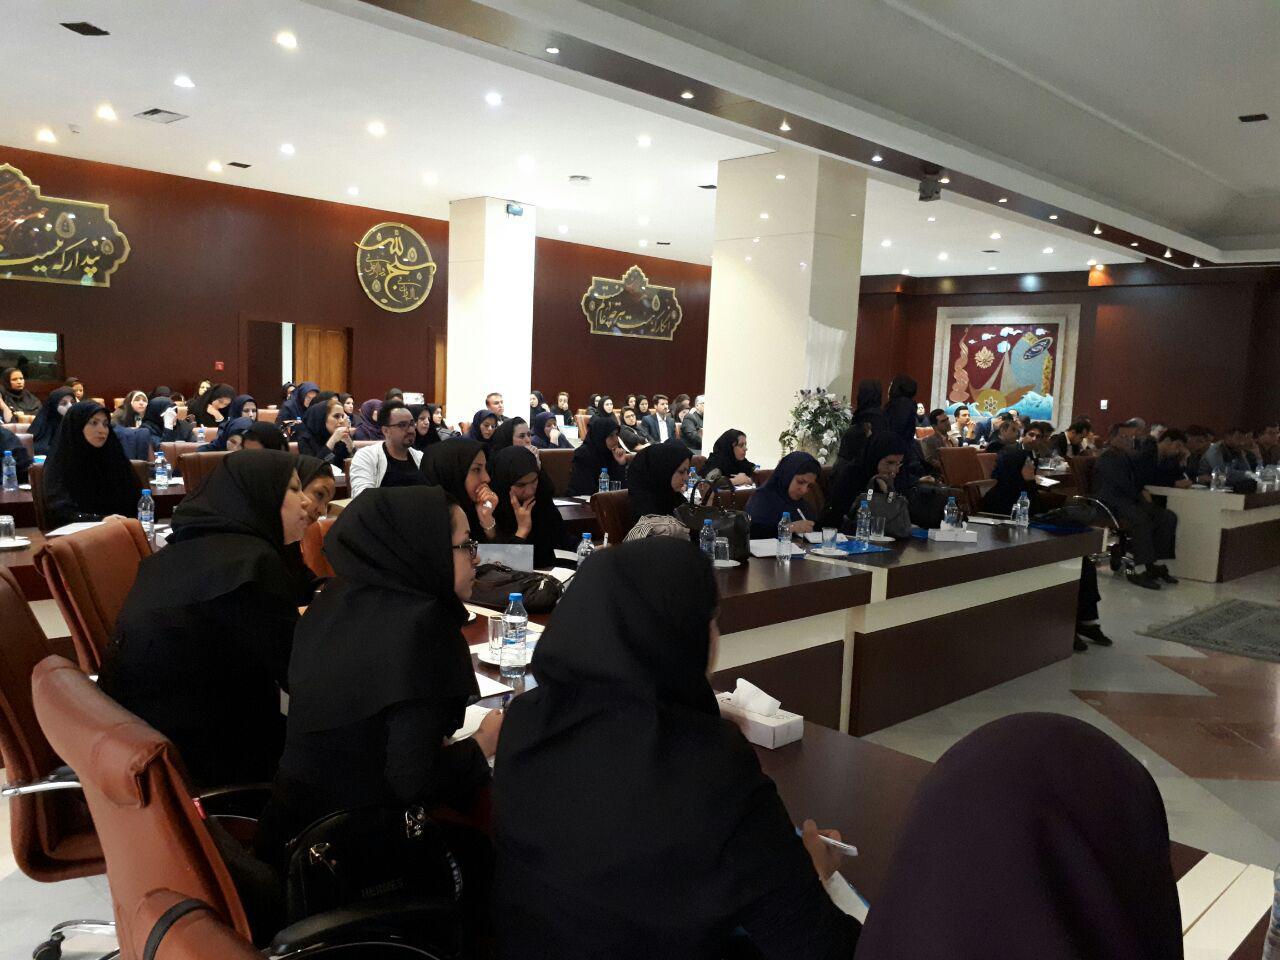 برگزاری سمینار آموزش پرستاری دستگاه های دیالیز  4008s Classic فرزنیوس در مشهد 13